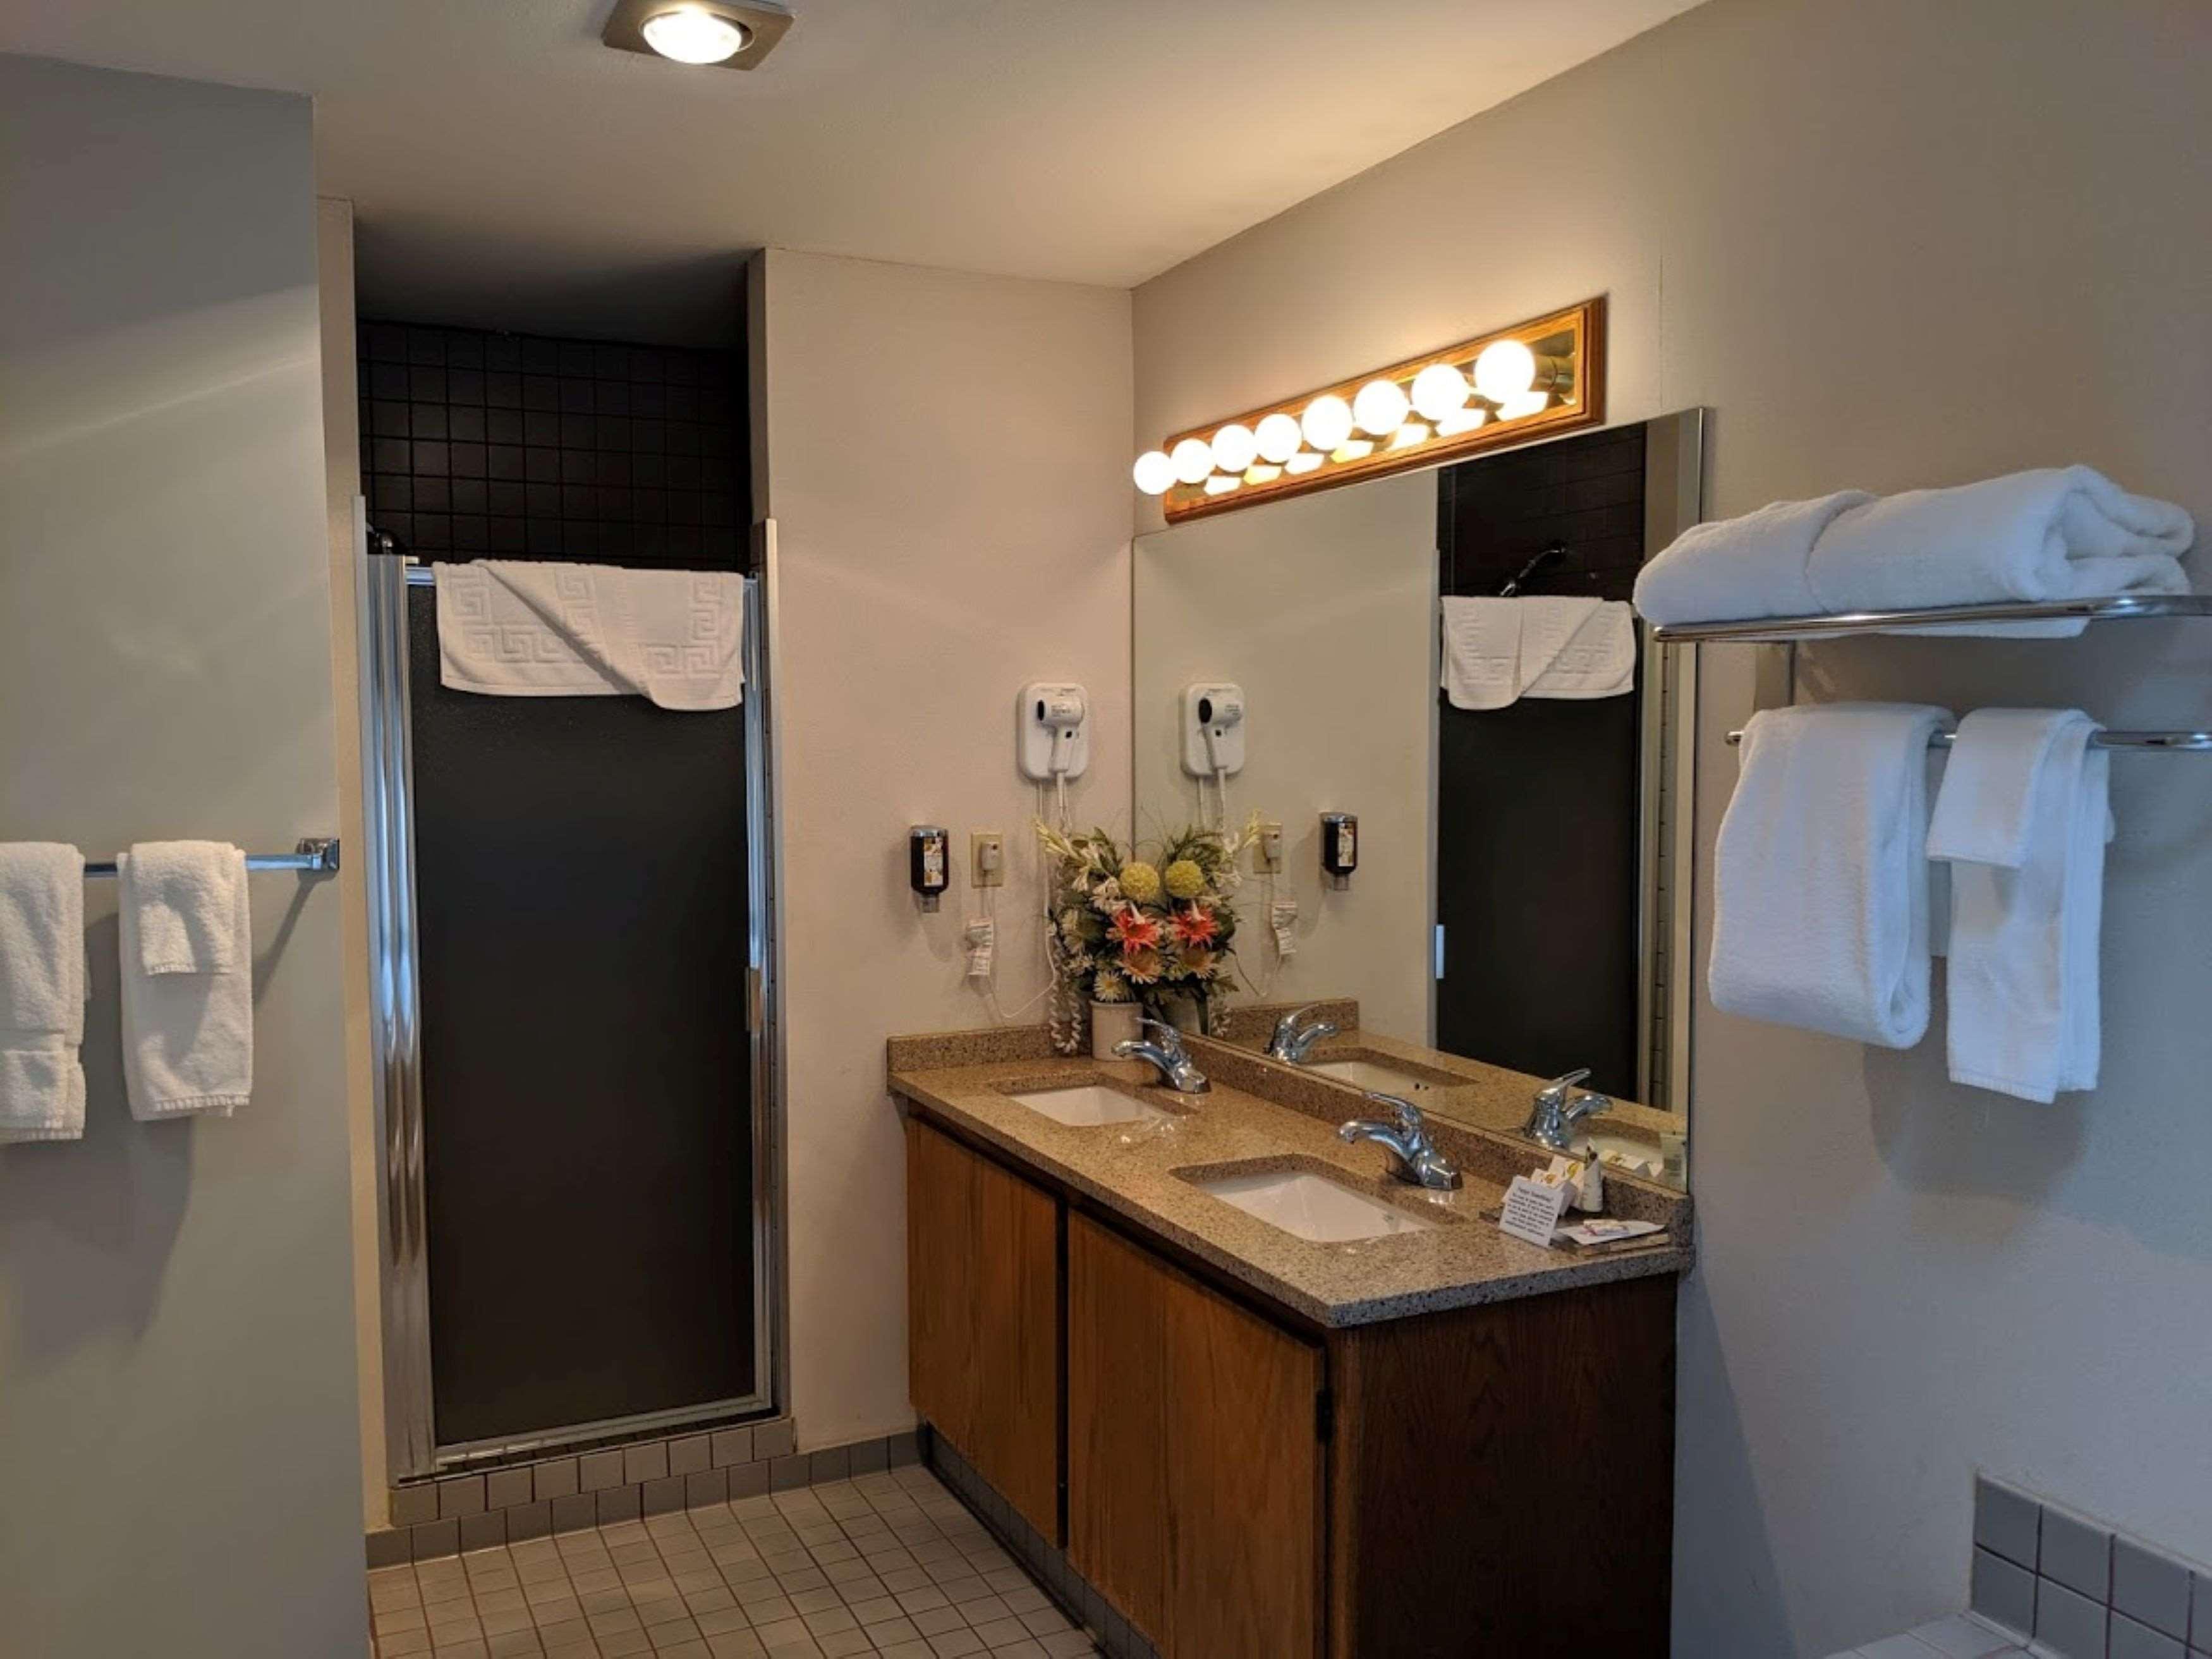 Surestay Hotel By Best Western Chilliwack in Chilliwack: King Suite Atrium Bathroom